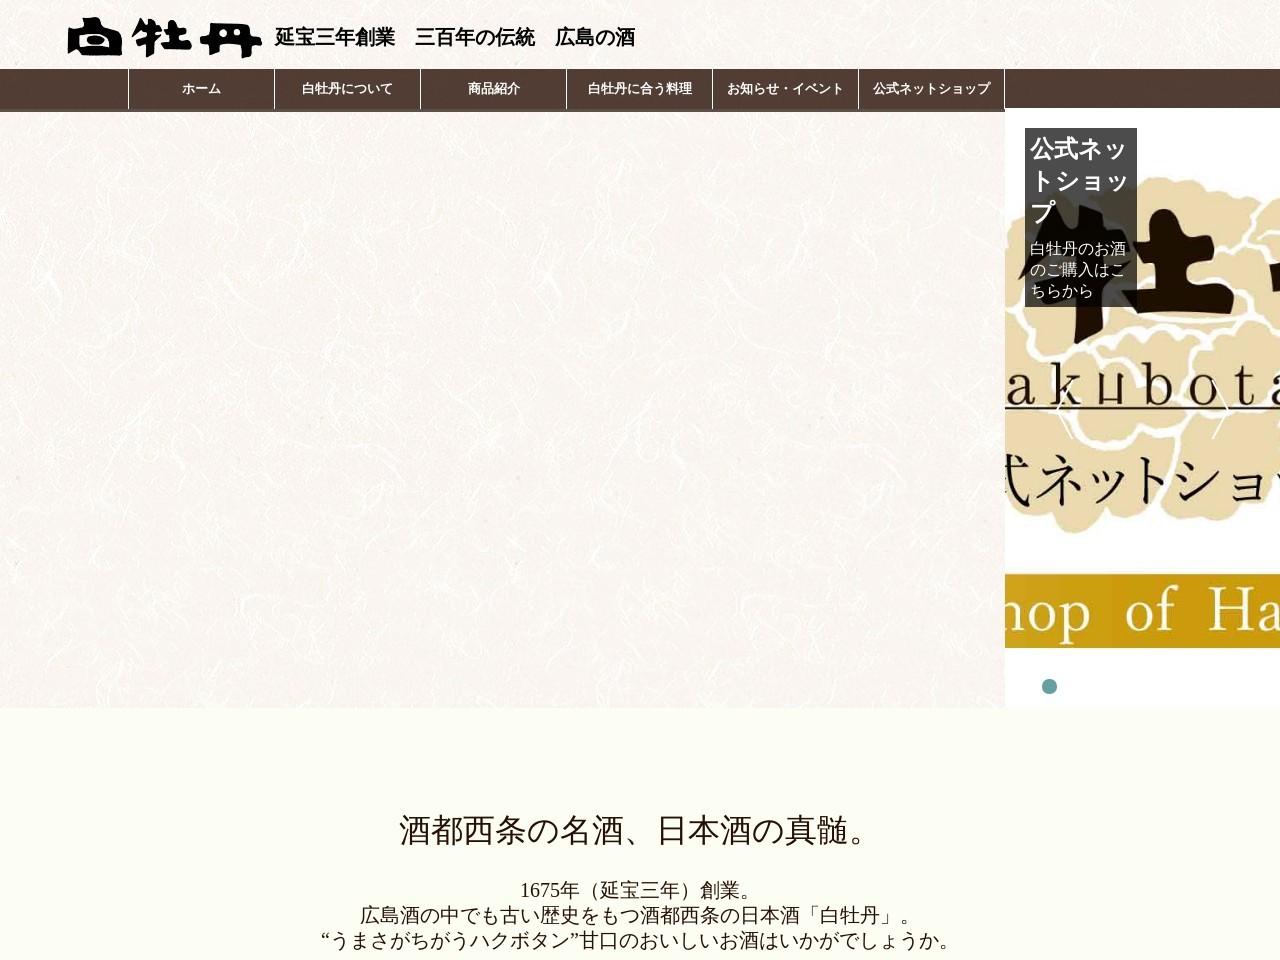 白牡丹株式会社